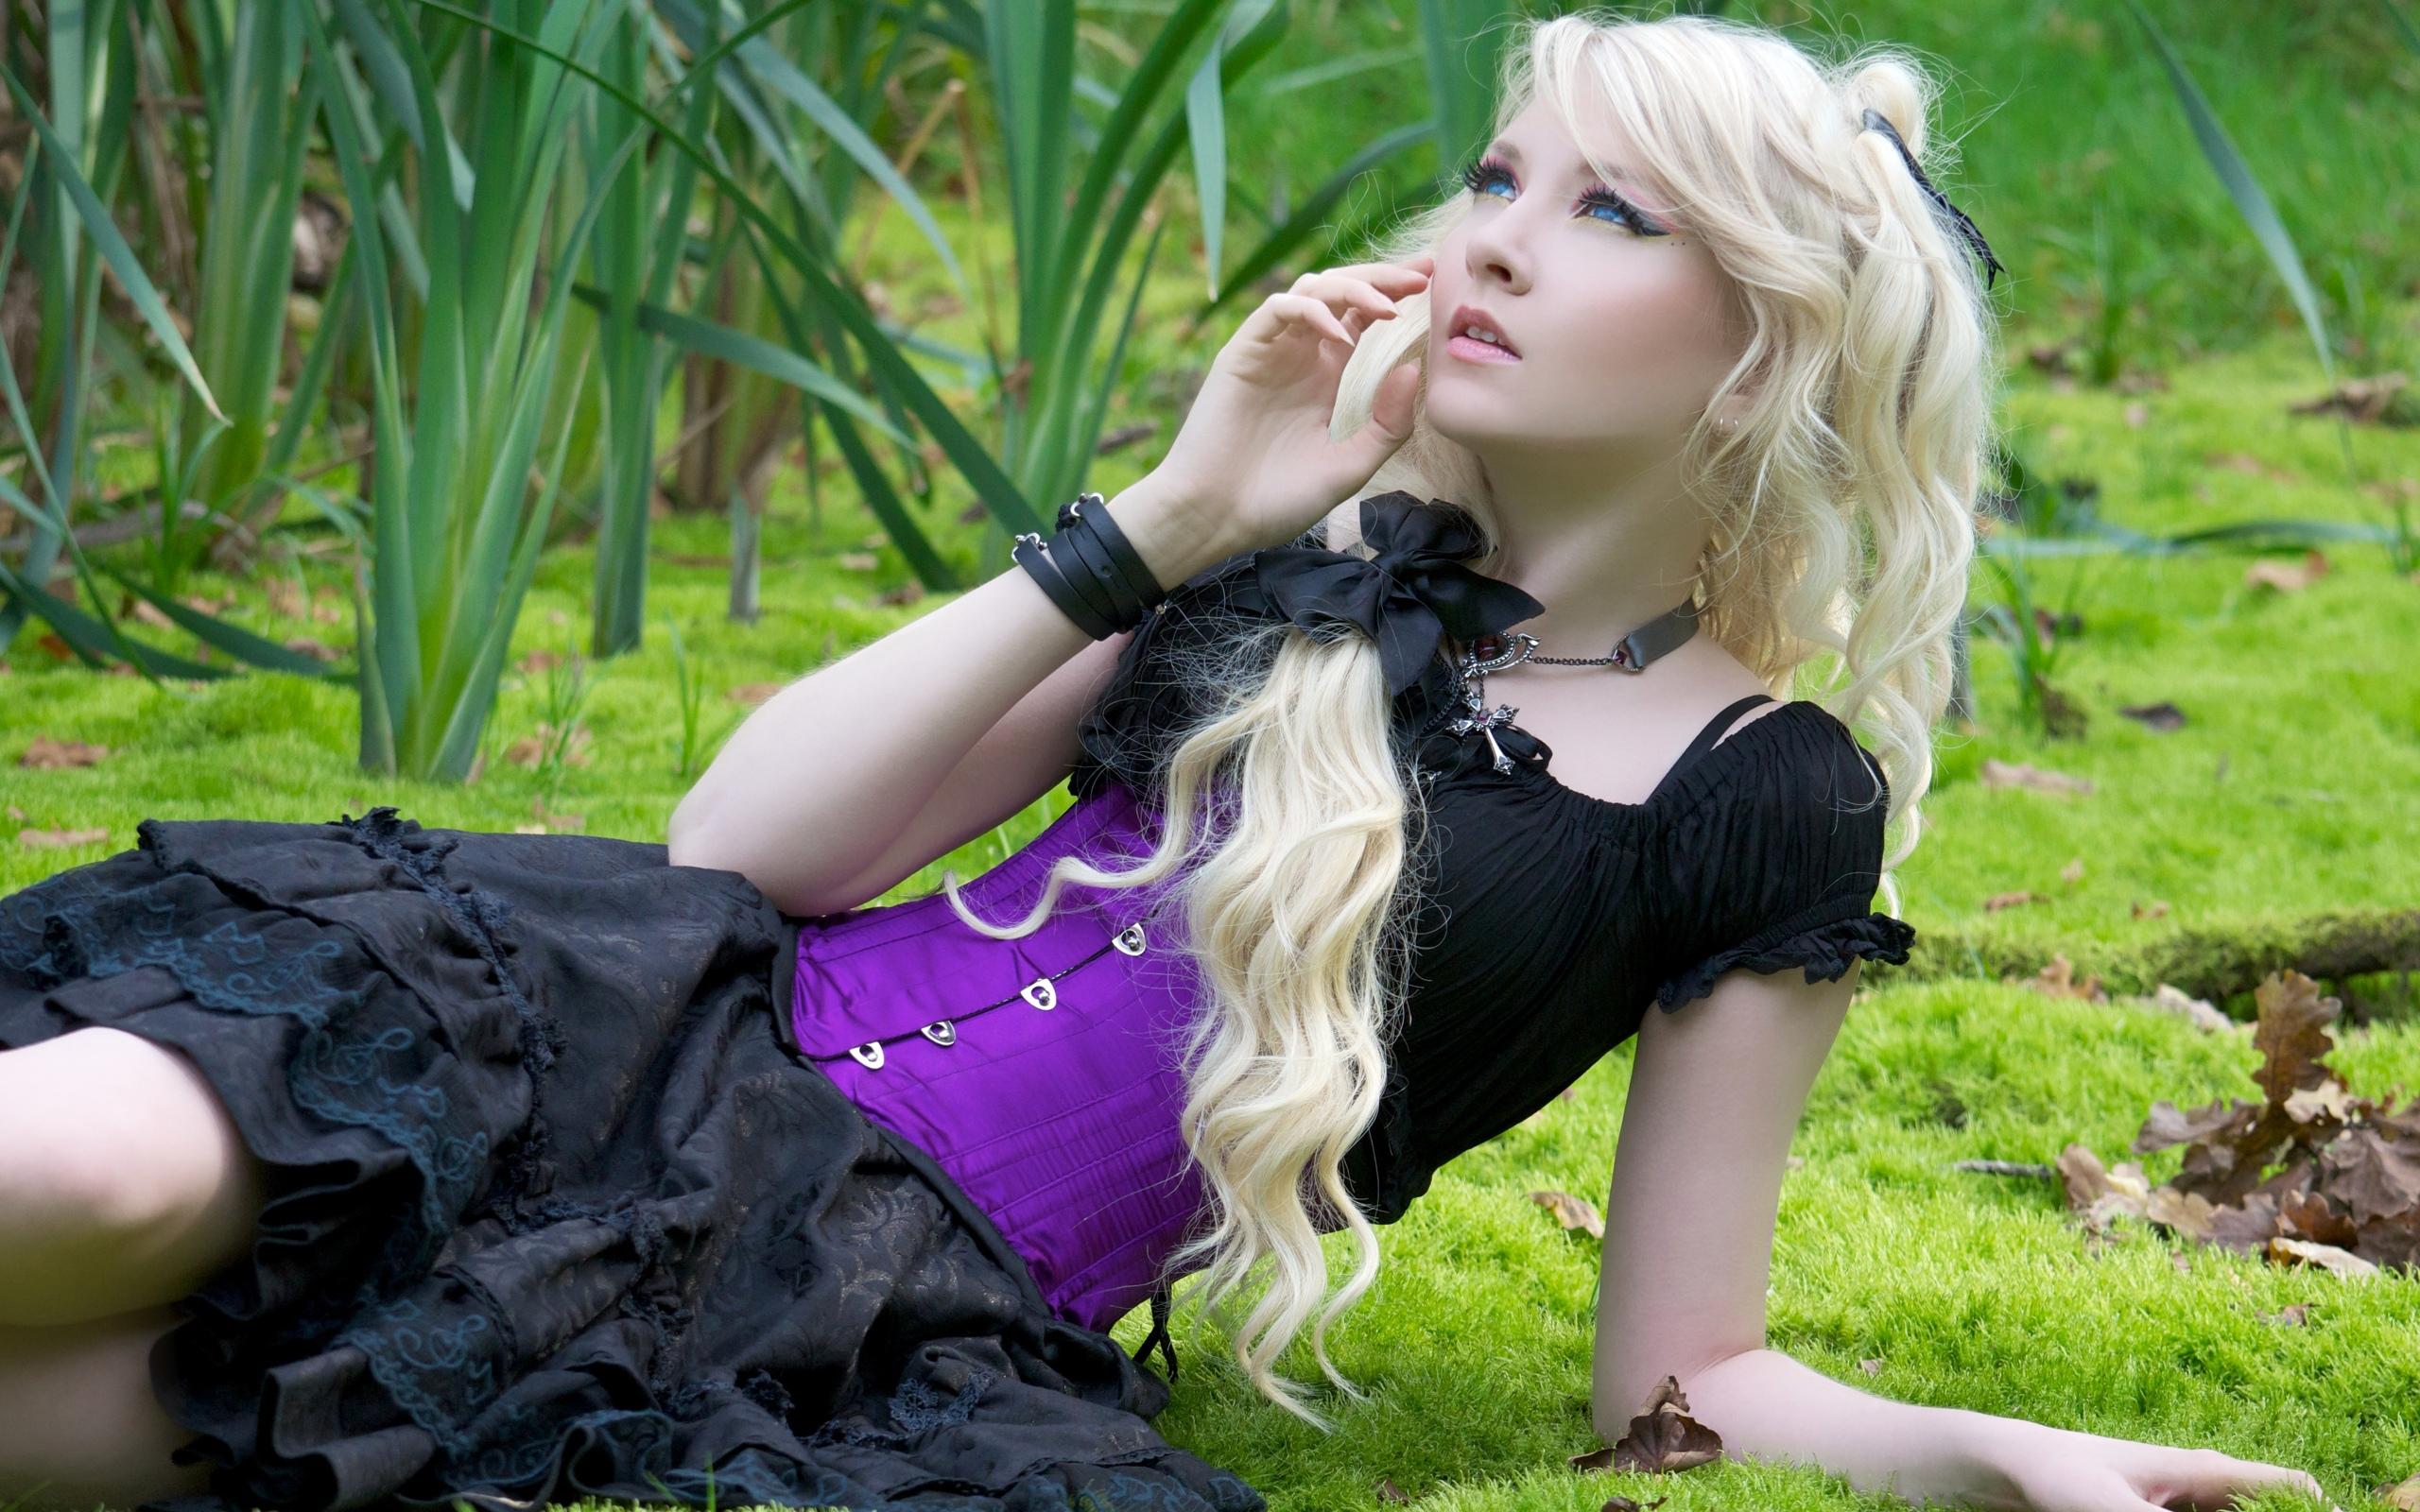 фото девушек блондинок не постановочные возбуждена